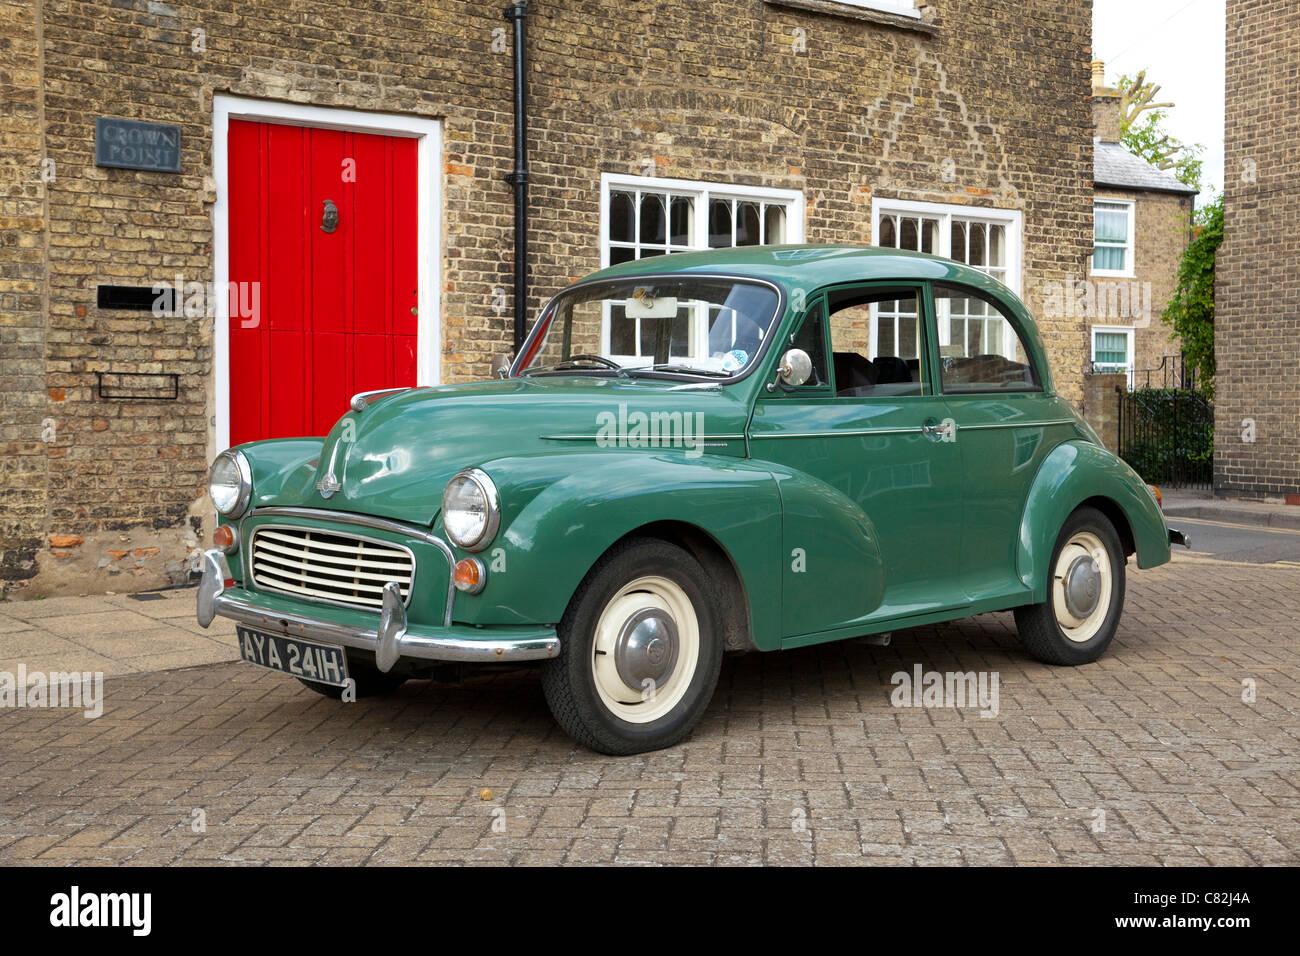 Morris Minor car in the UK - Stock Image